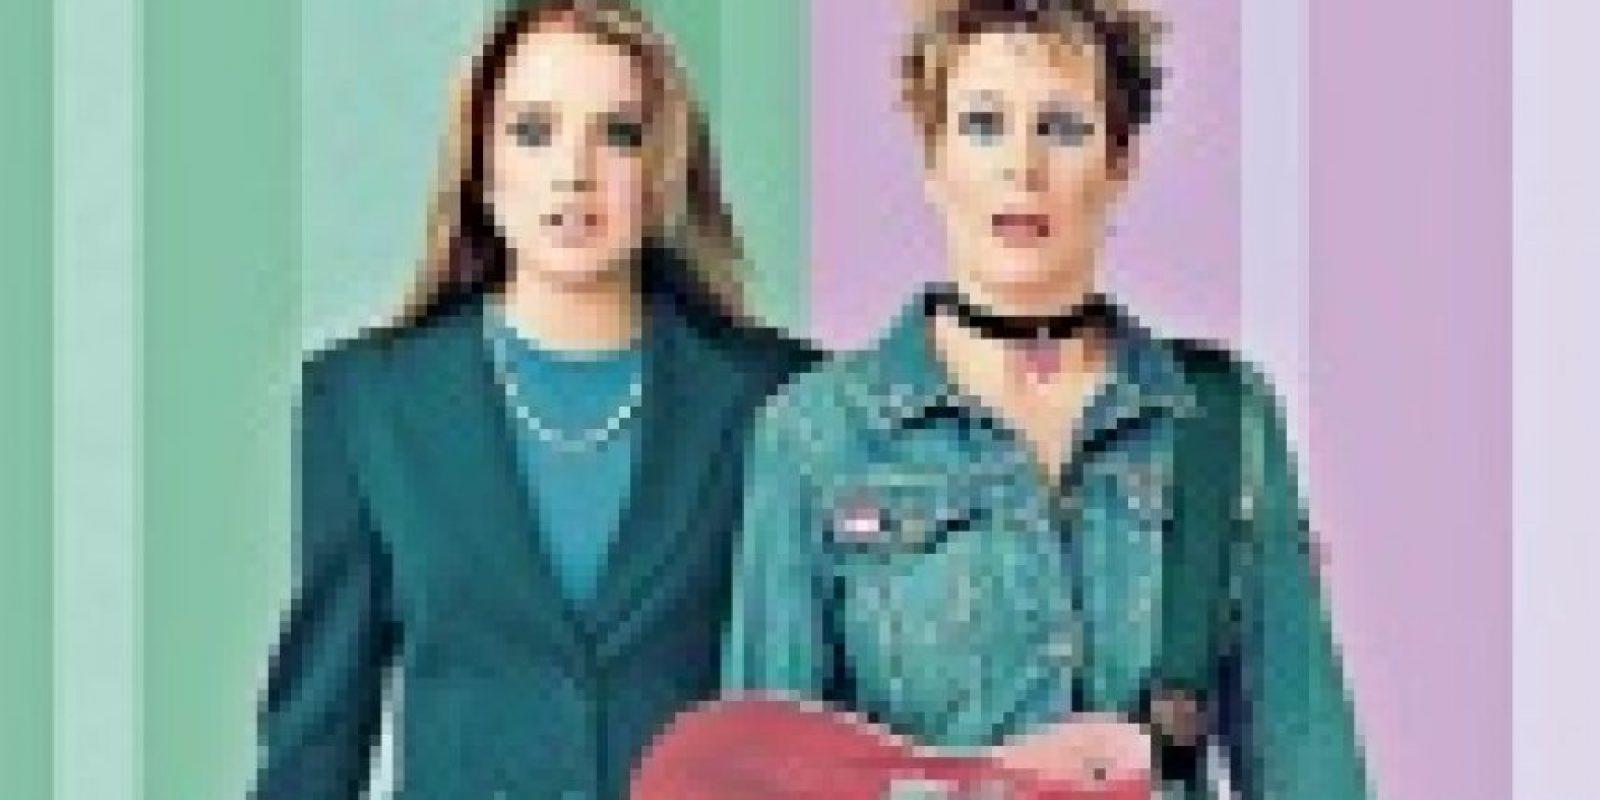 """9- """"Ponte en mi lugar"""". Una comedia de culto. La película juvenil protagonizada por Lindsay Lohan y Jamie Lee Curtis muestra cómo madre e hija intercambian cuerpos para comprender mejor a la otra, luego de varios conflictos tras el divorcio de la mayor. Foto:Fuente externa"""